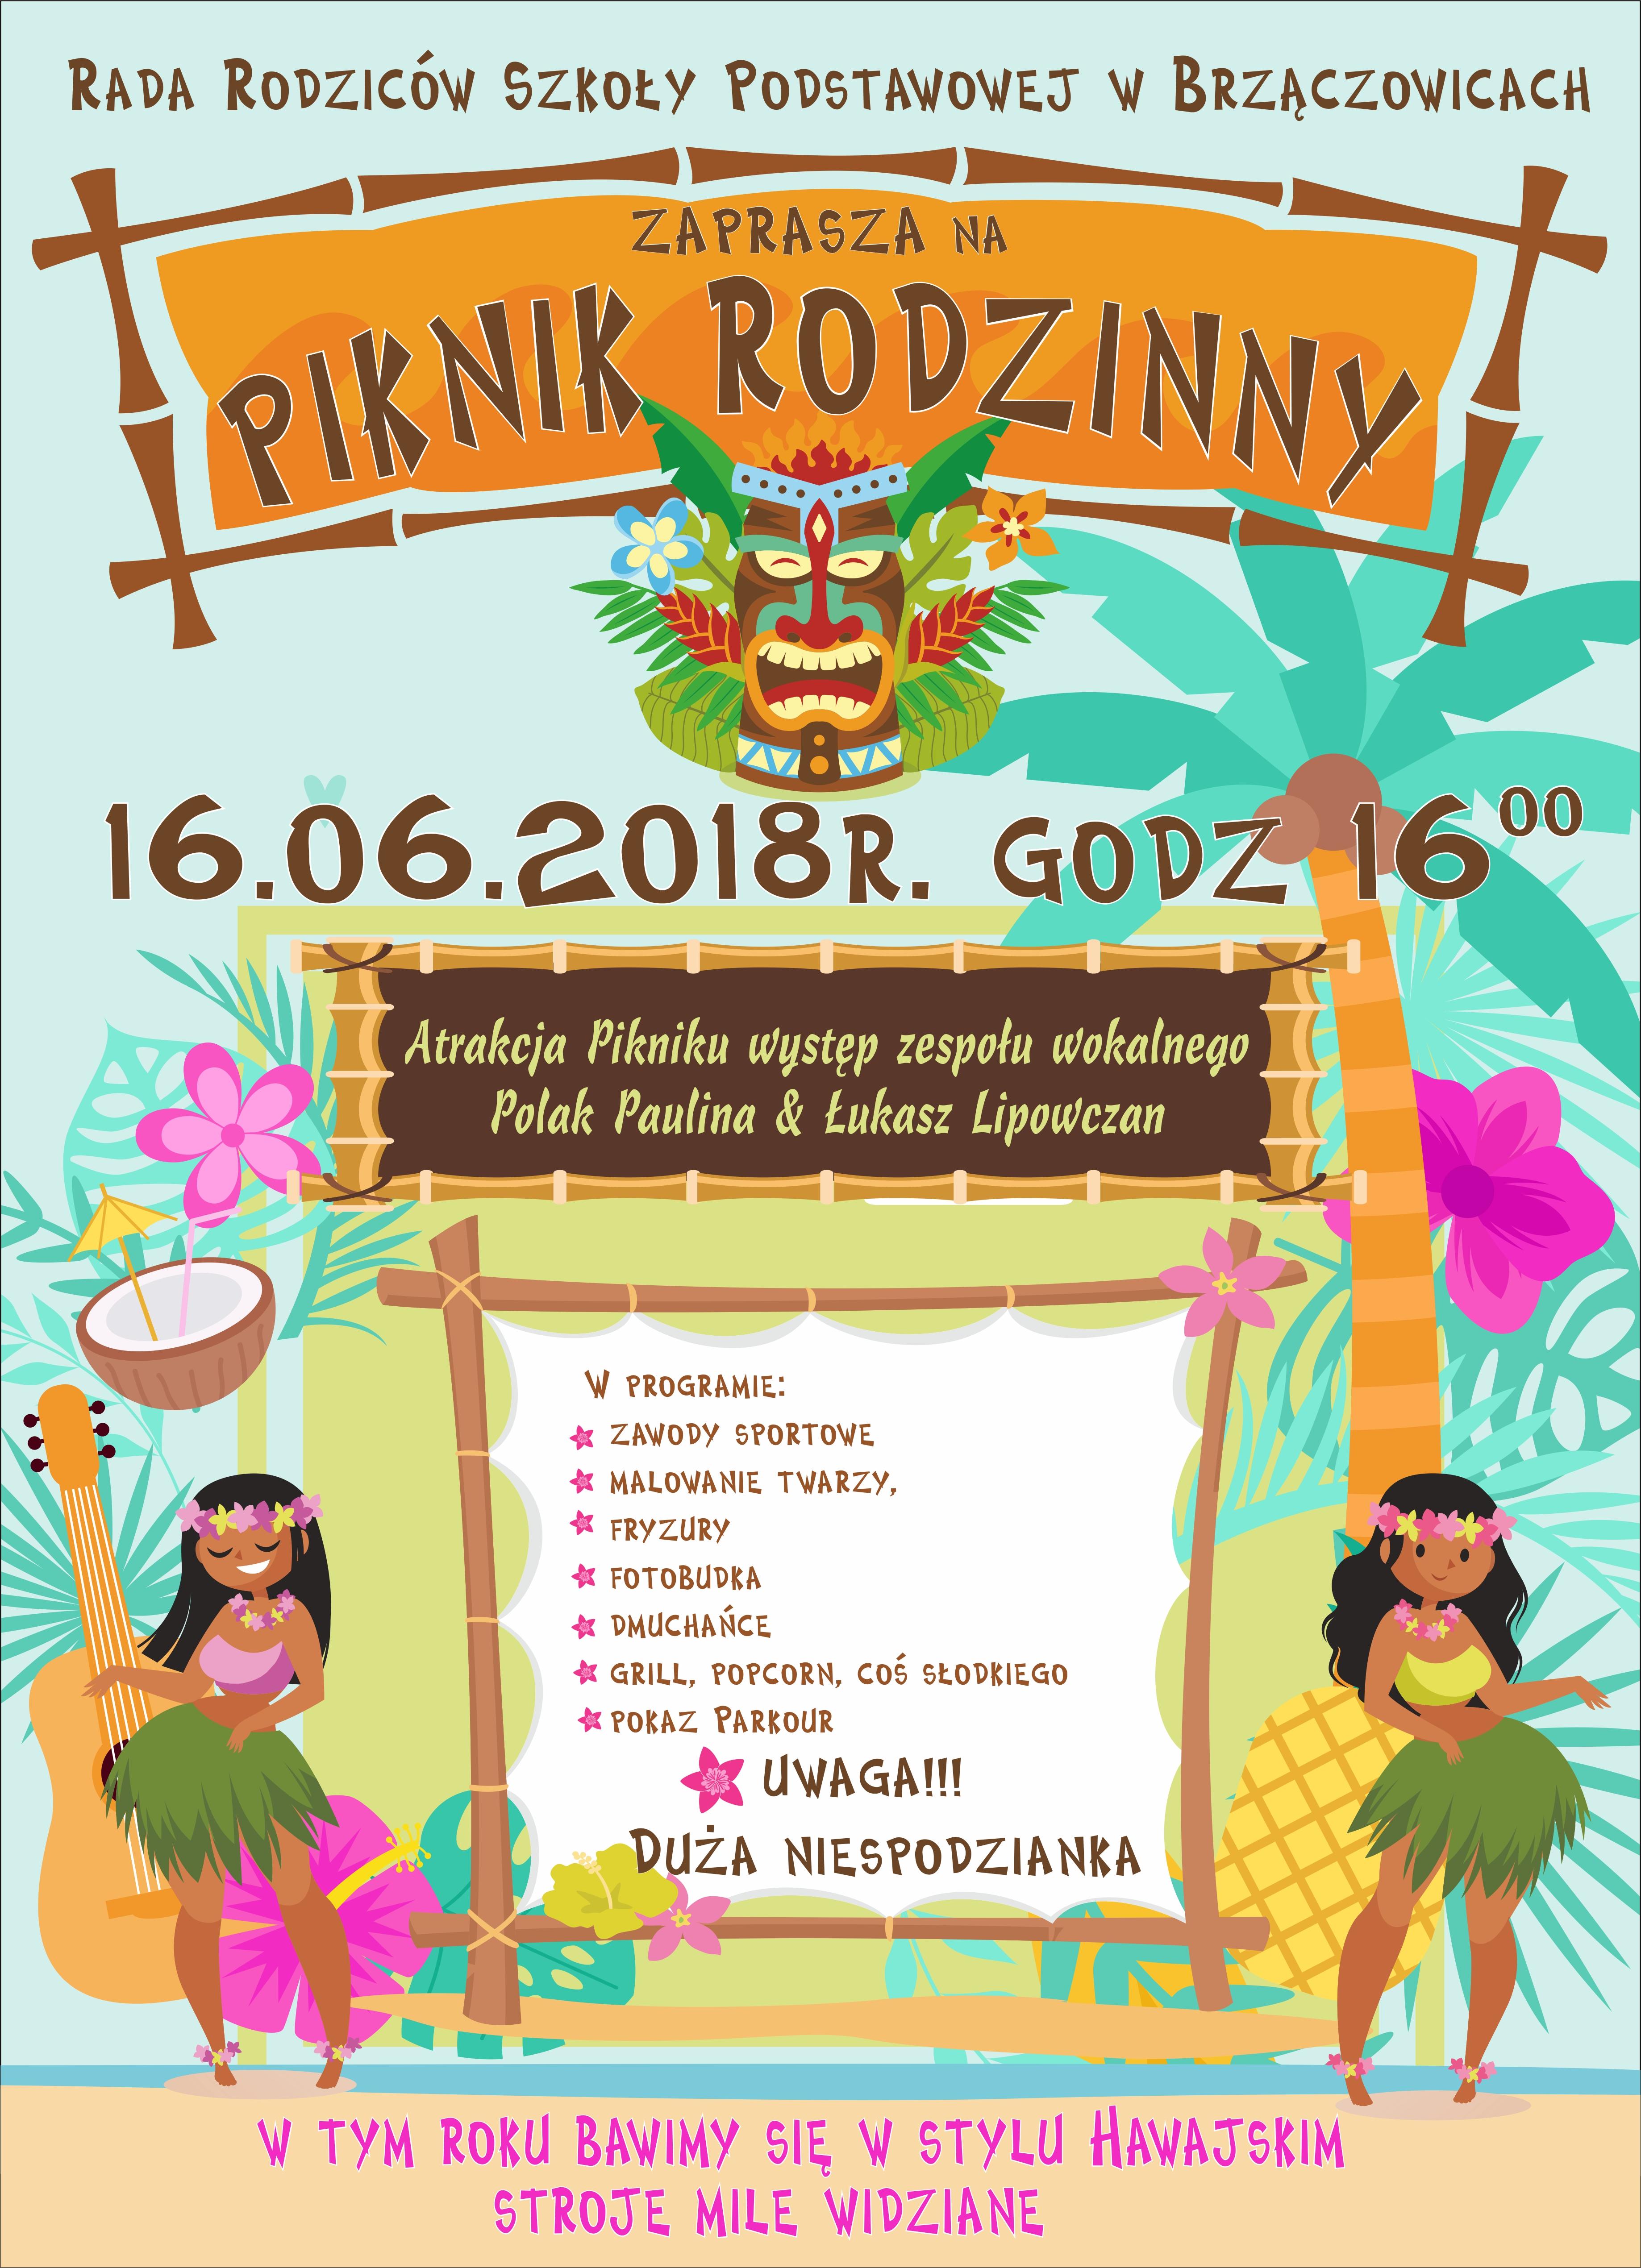 Piknik Rodzinny W Brzączowicach Serwis Informacyjny Gminy